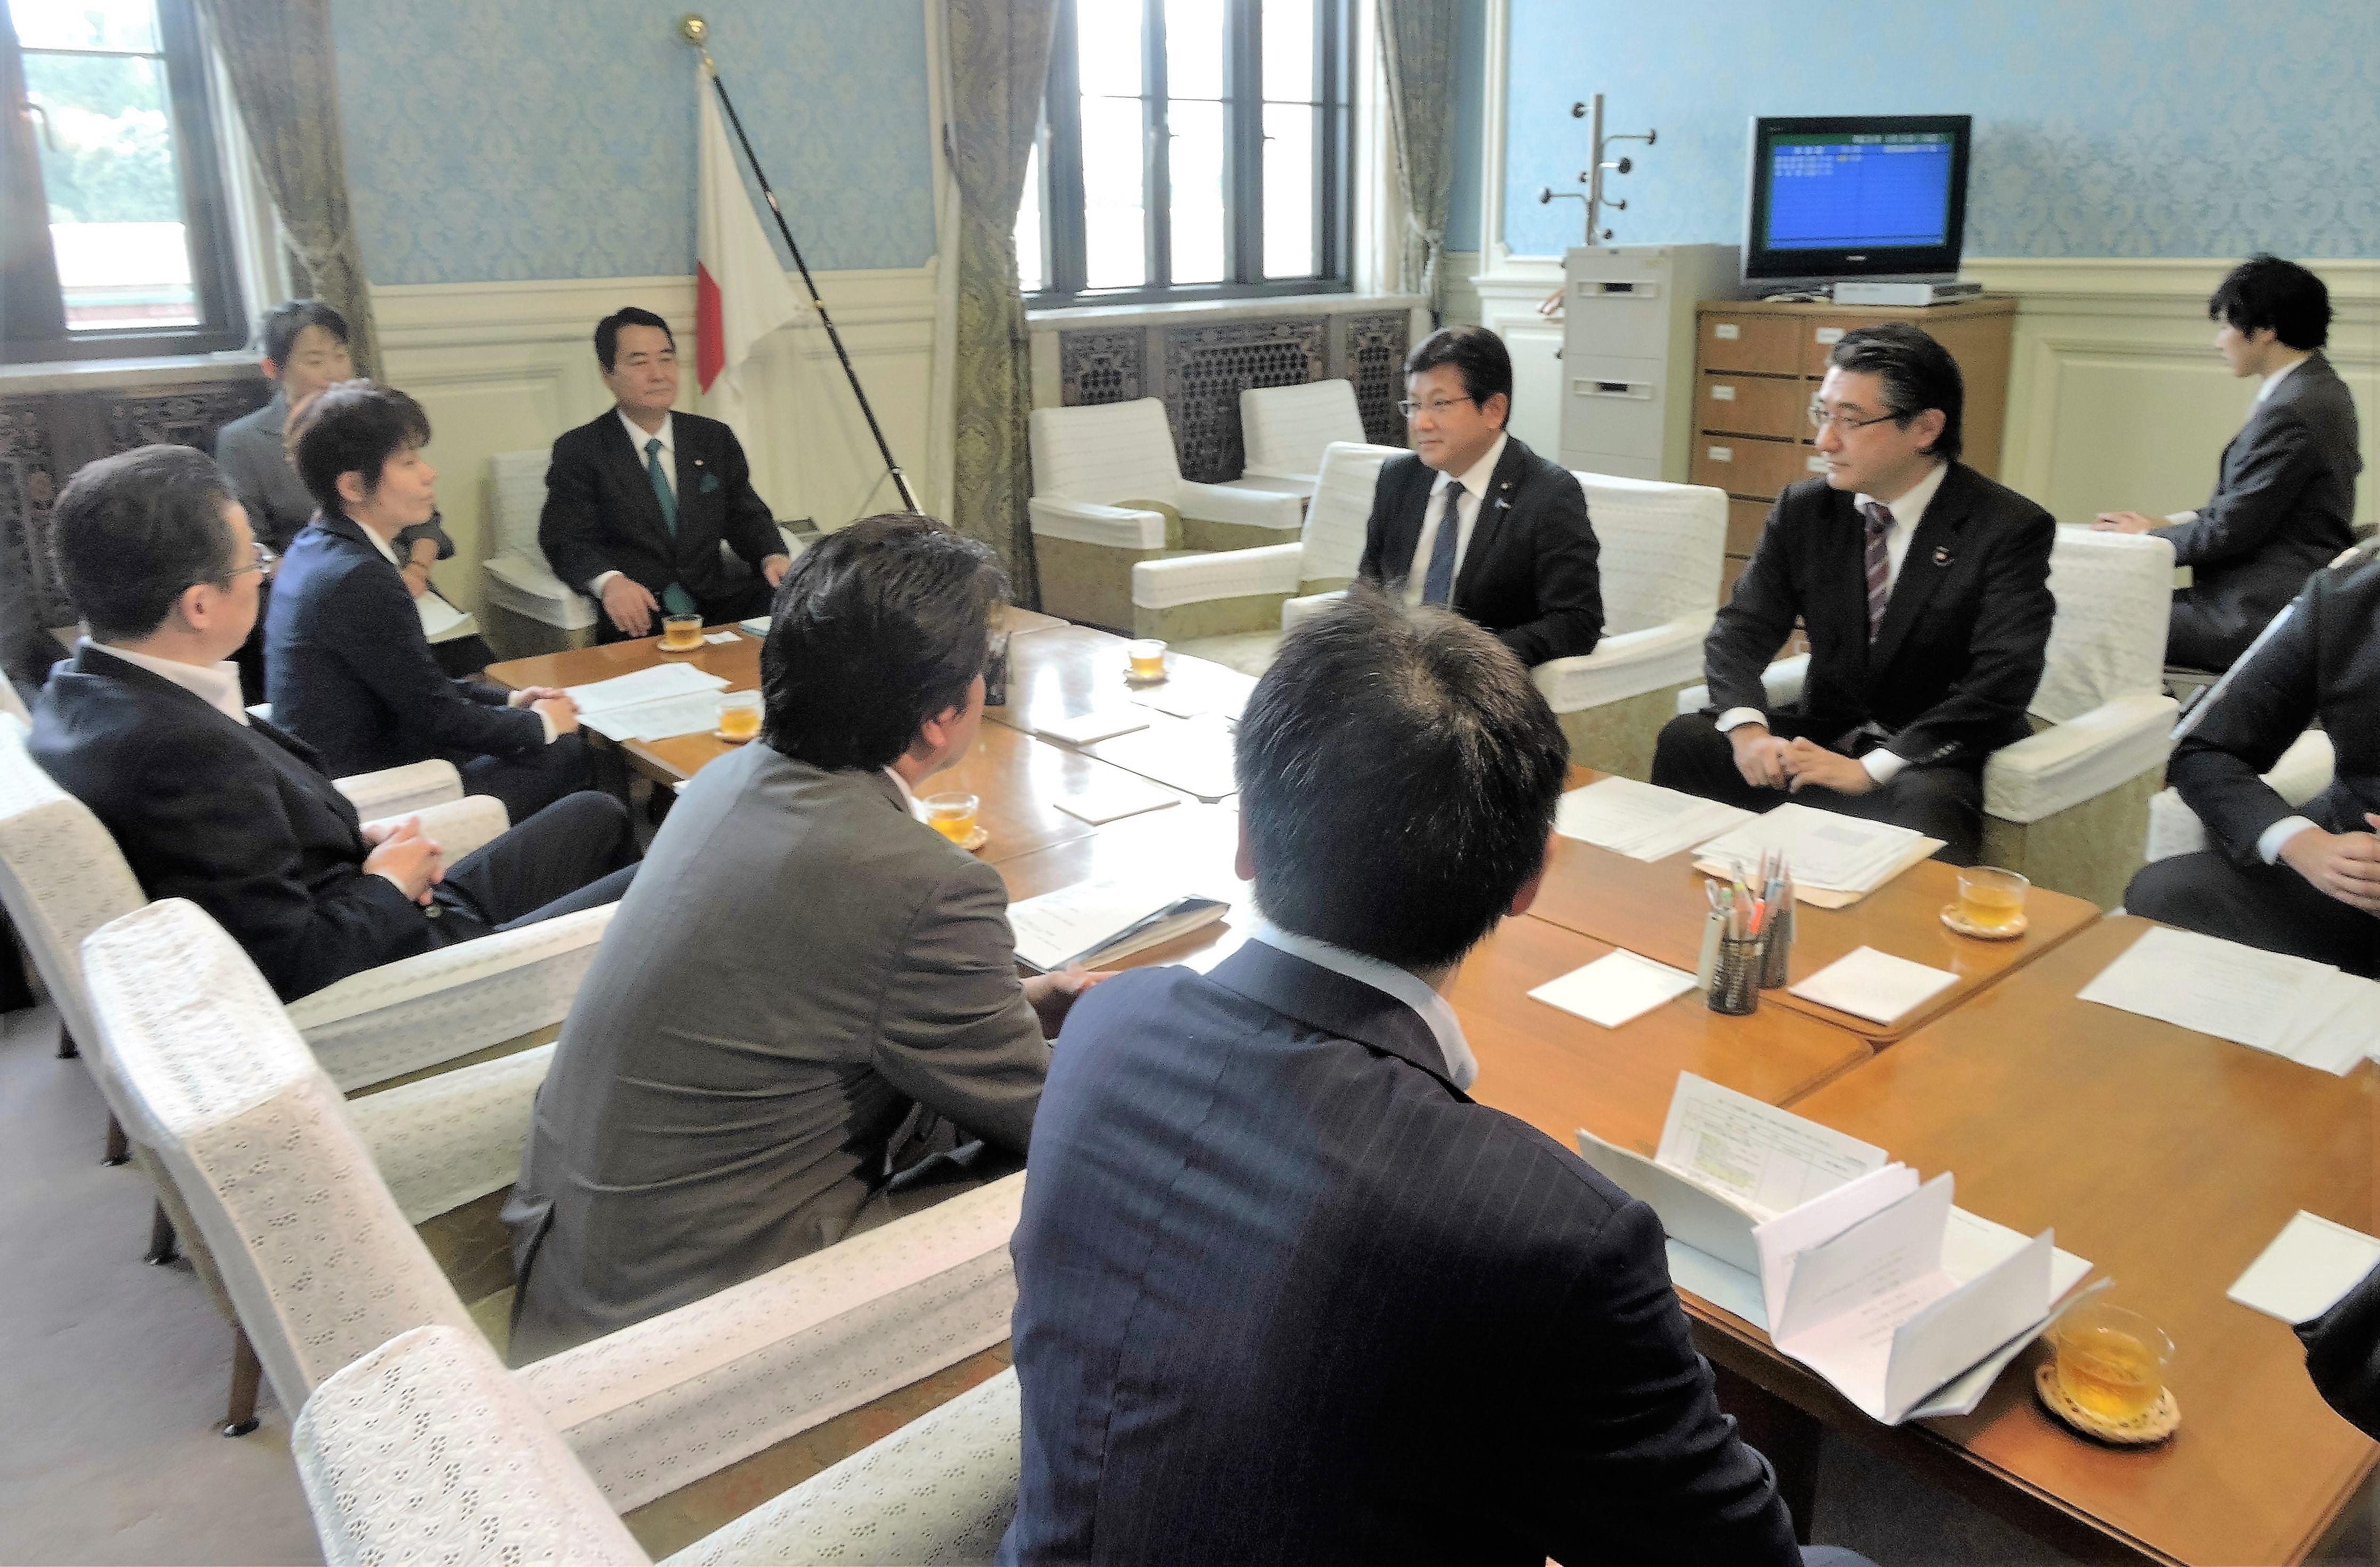 議院運営委員会理事として初めての本会議